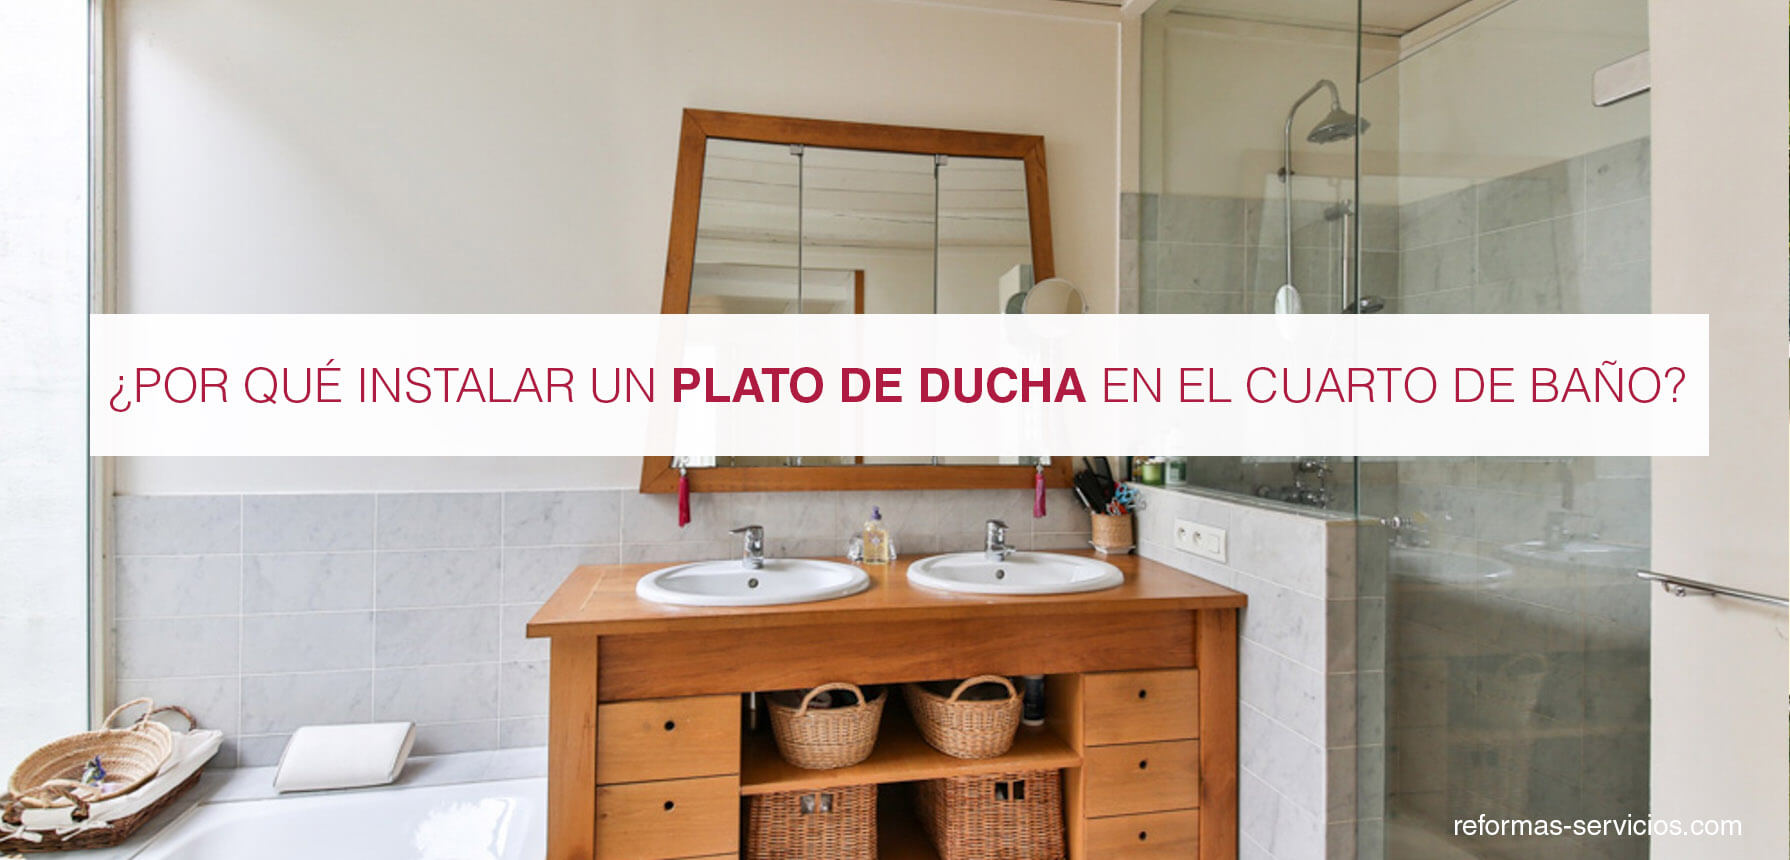 Por qué instalar un plato de ducha? - Reformas Servicio